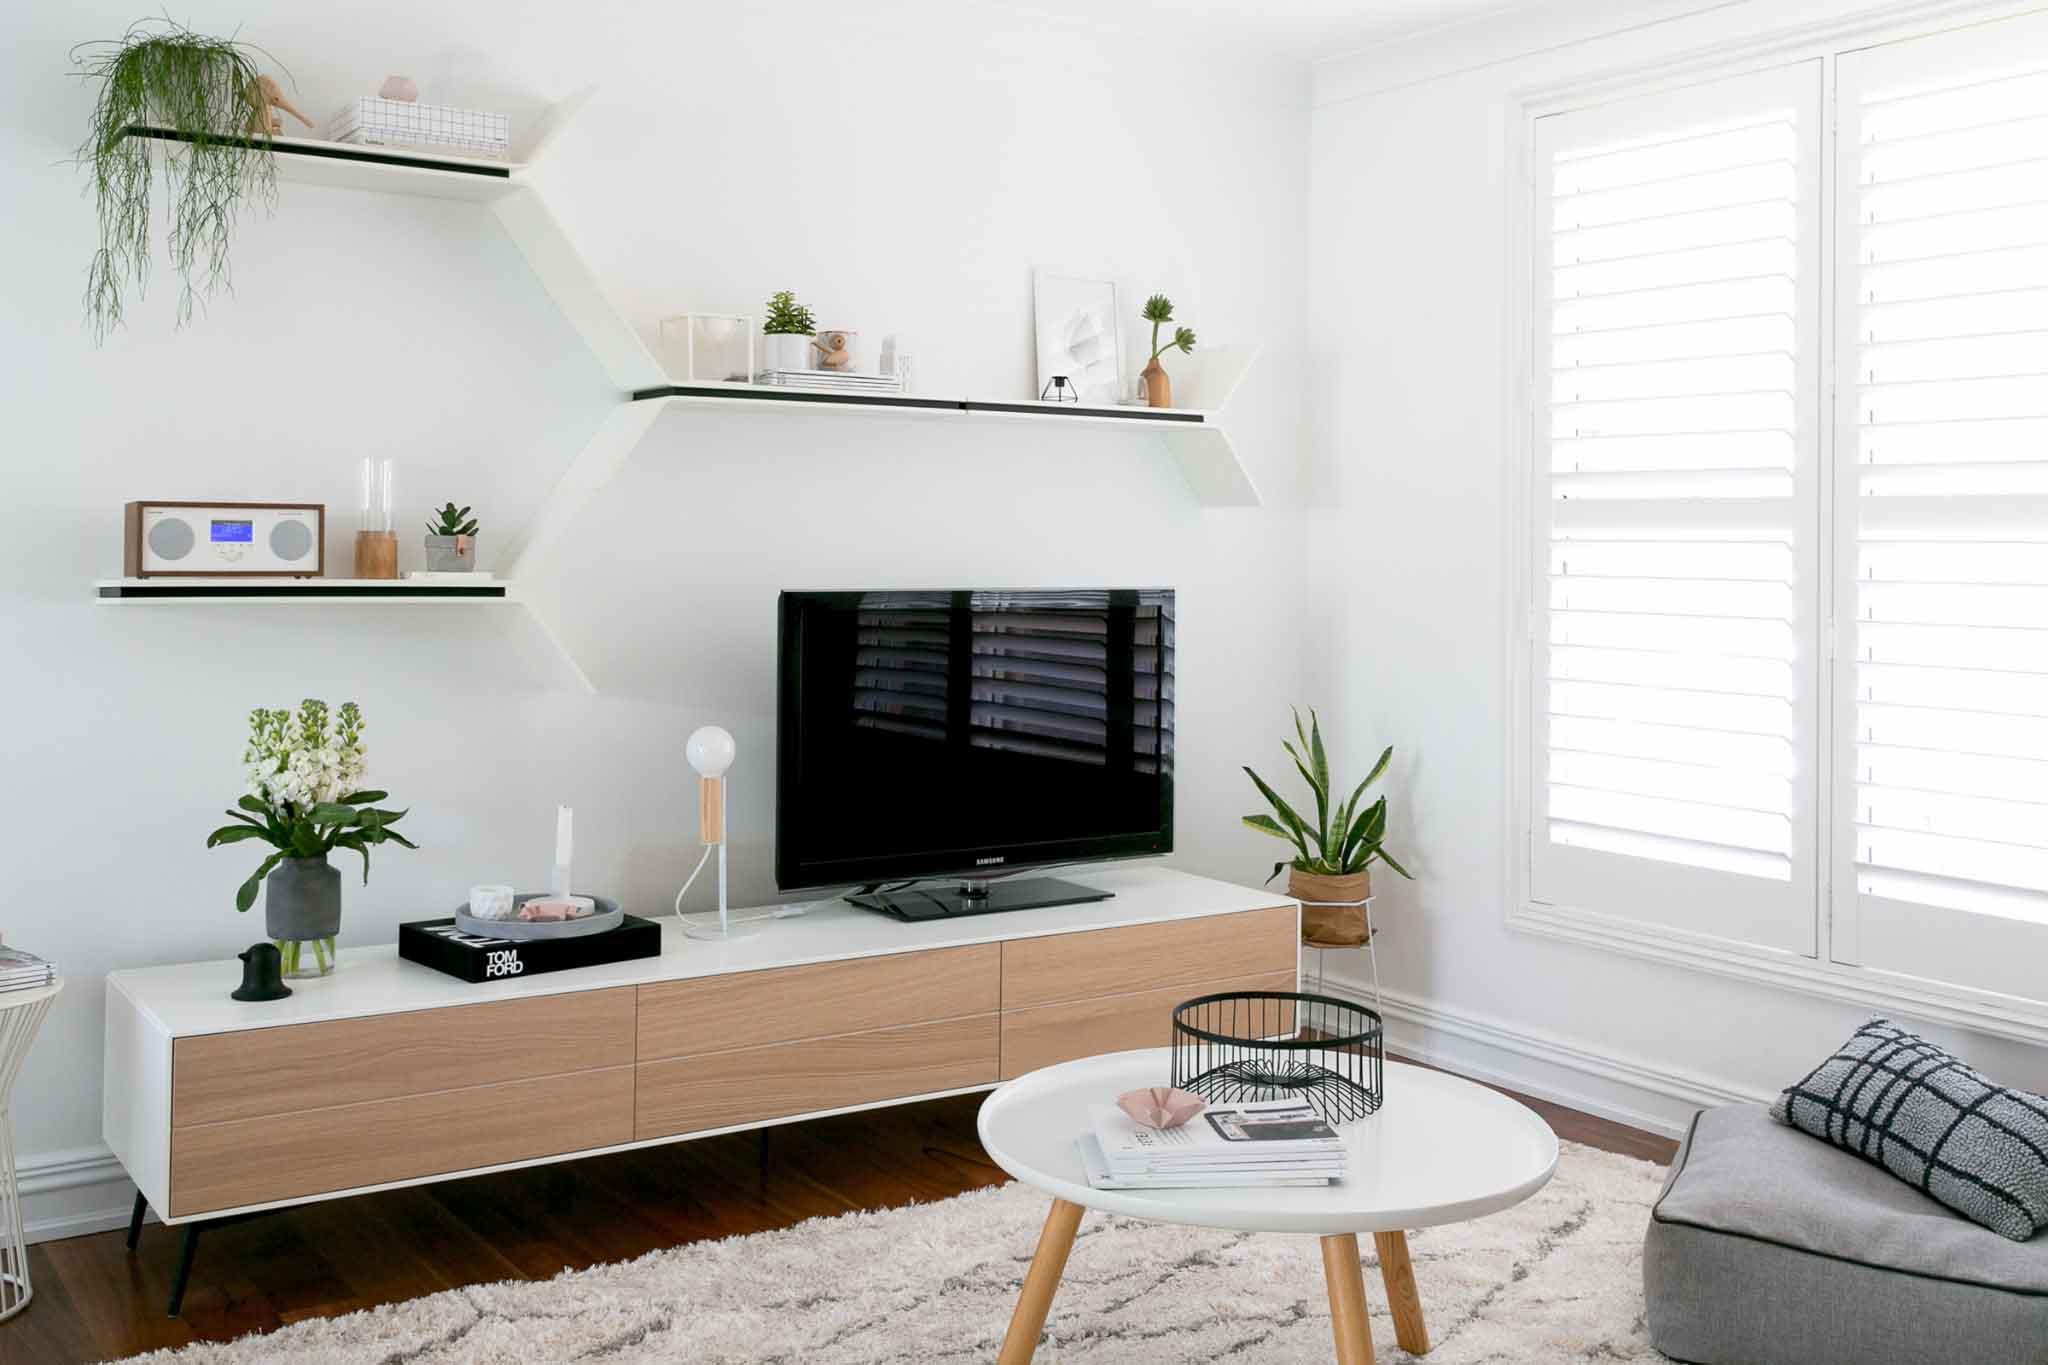 تزیین دیوار پشت تلویزیون با شلف دیواری سفید و مدرن که قاب عکس و گلدان روی آن قرار دارد